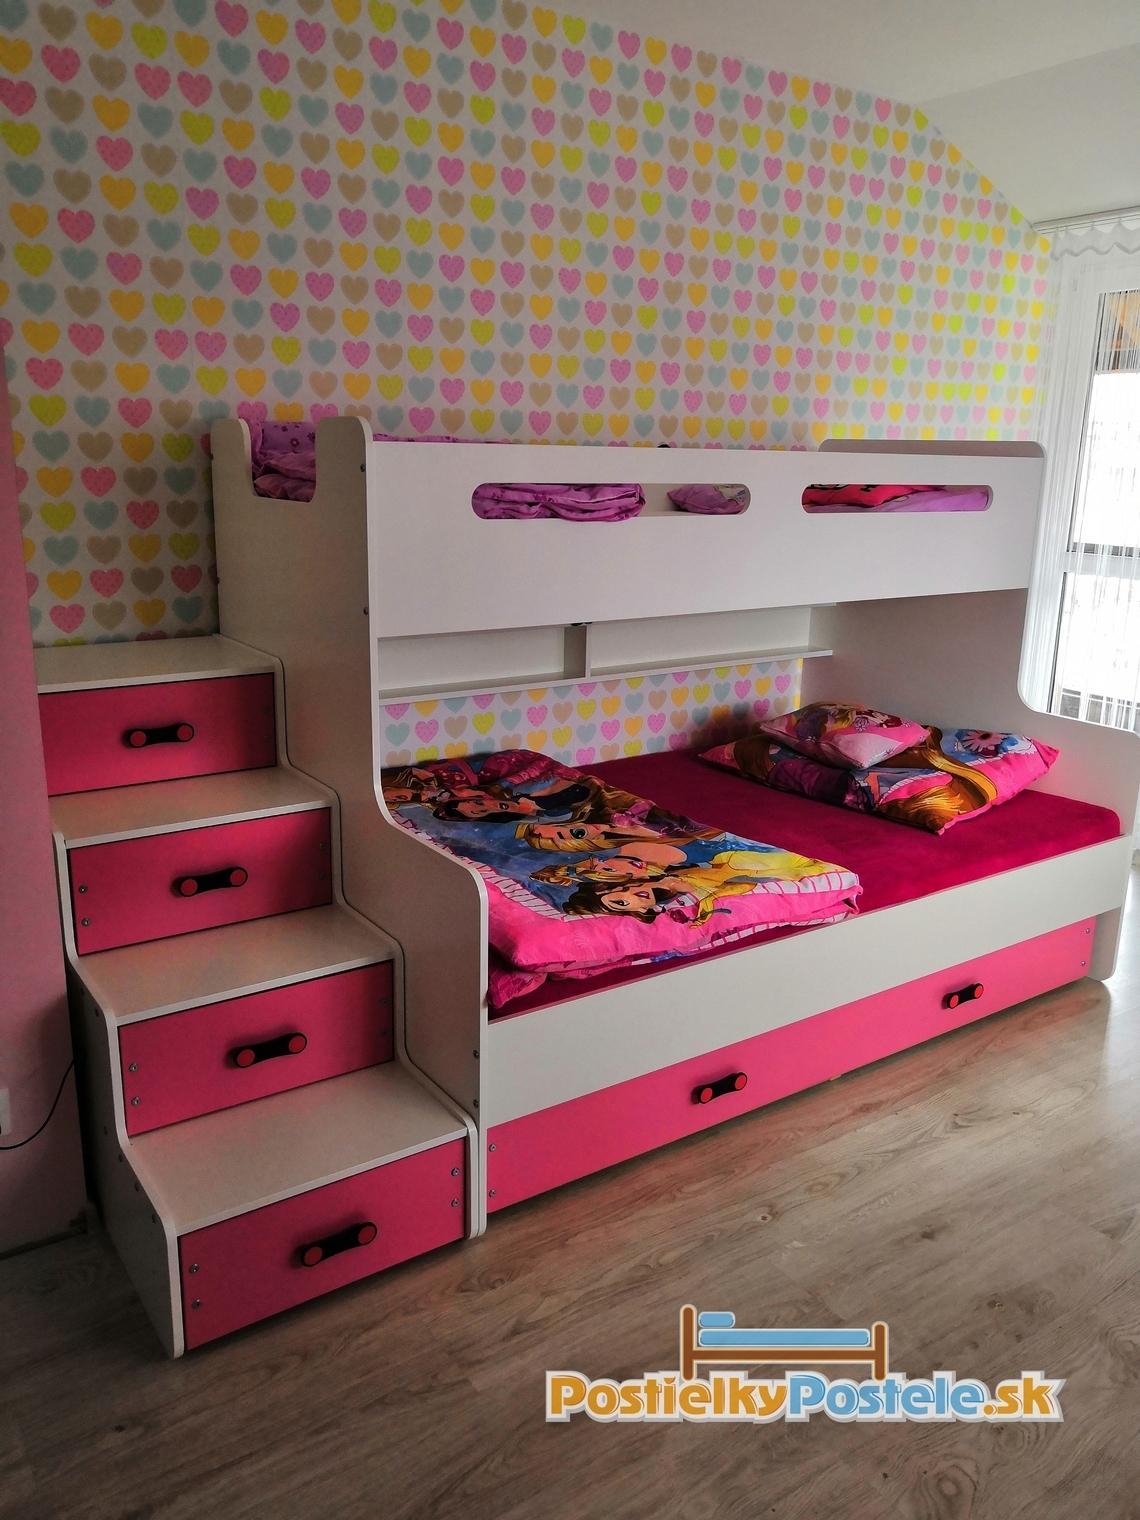 MAX 3 - Poschodová posteľ rozšírená - 200x120cm - Biely - Ružový